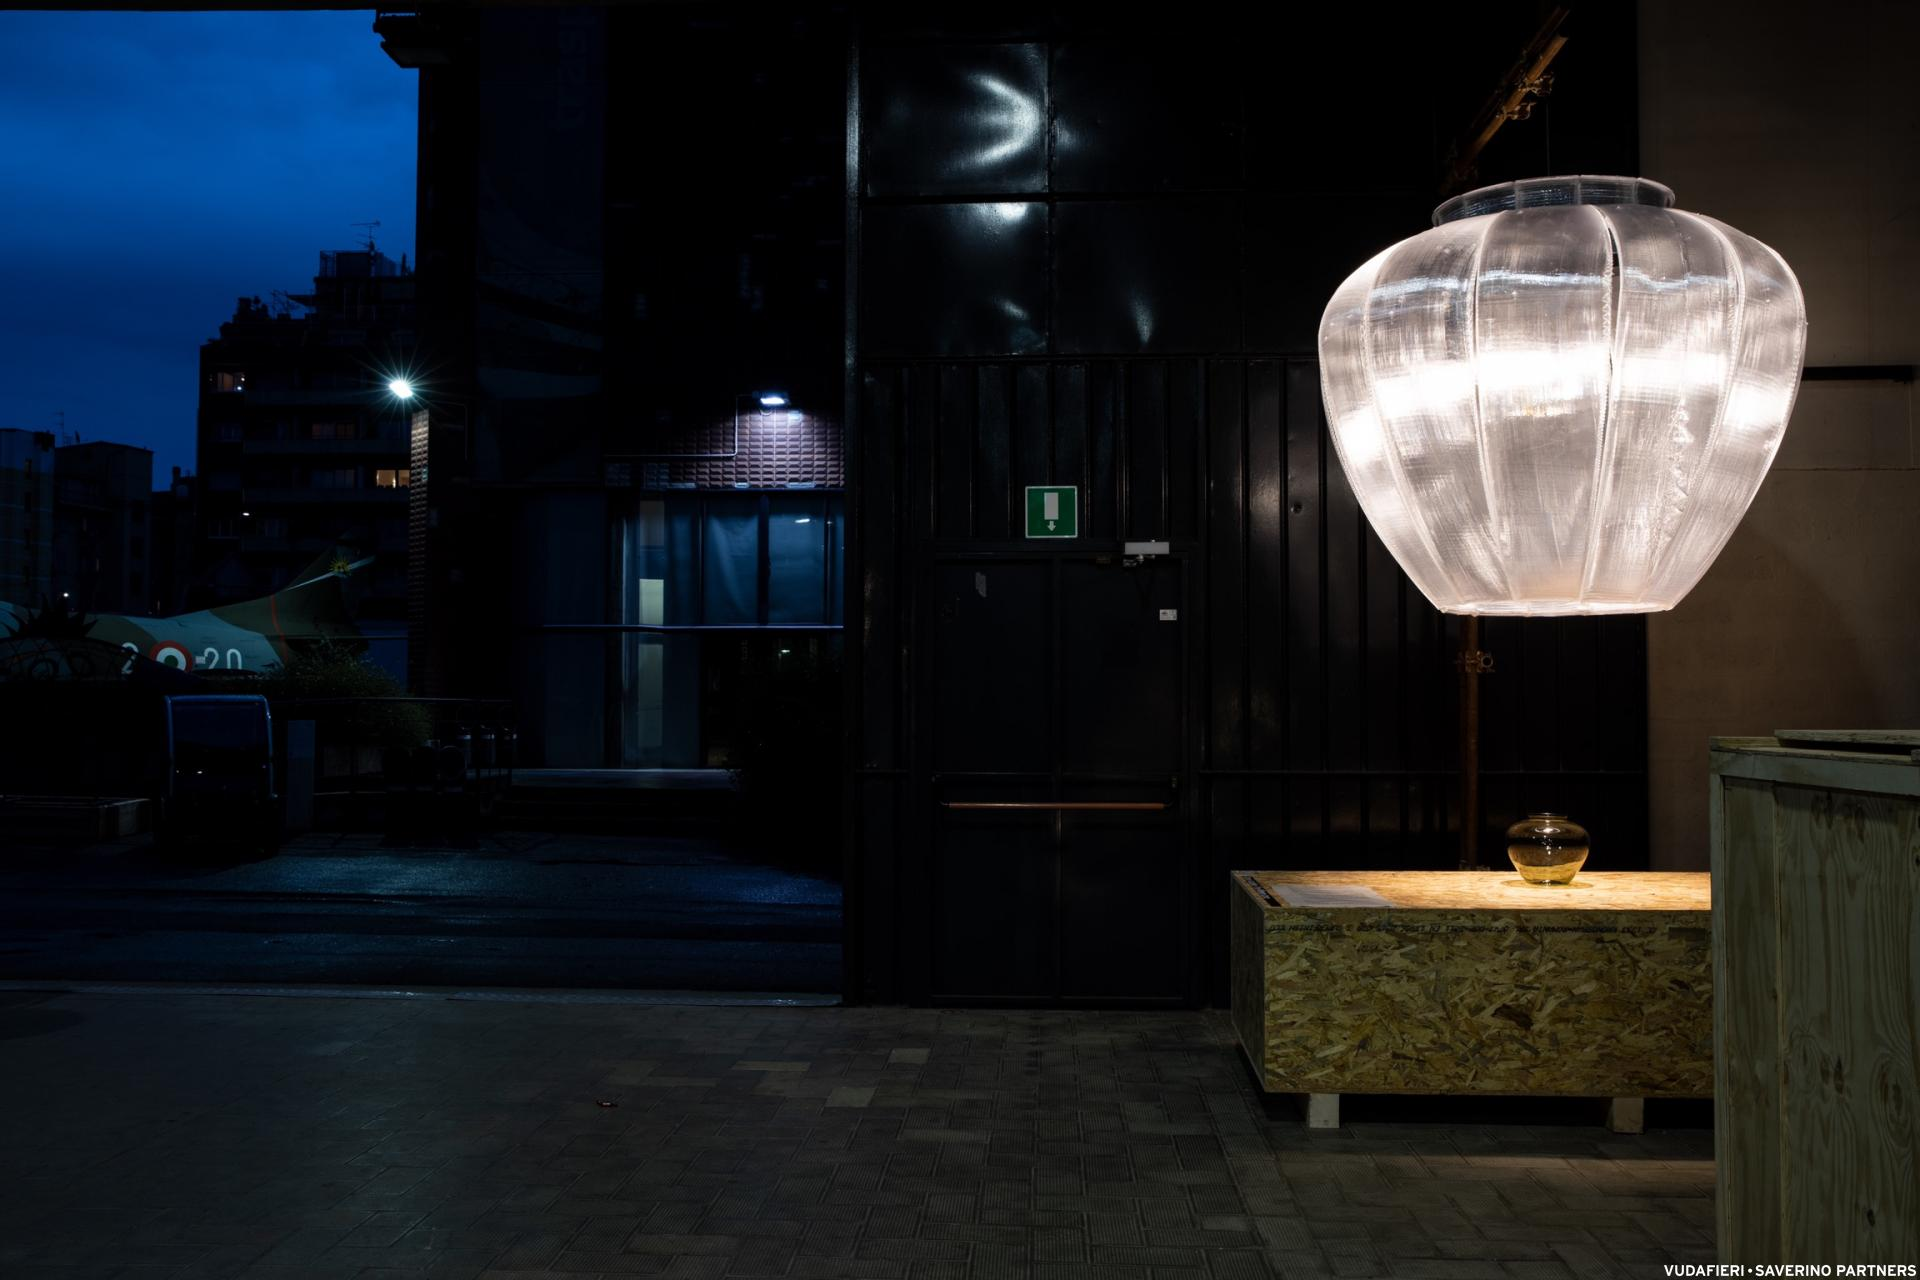 Eine echt große Bauhaus-Lampe. (Foto: Tiziano Vudafieri)